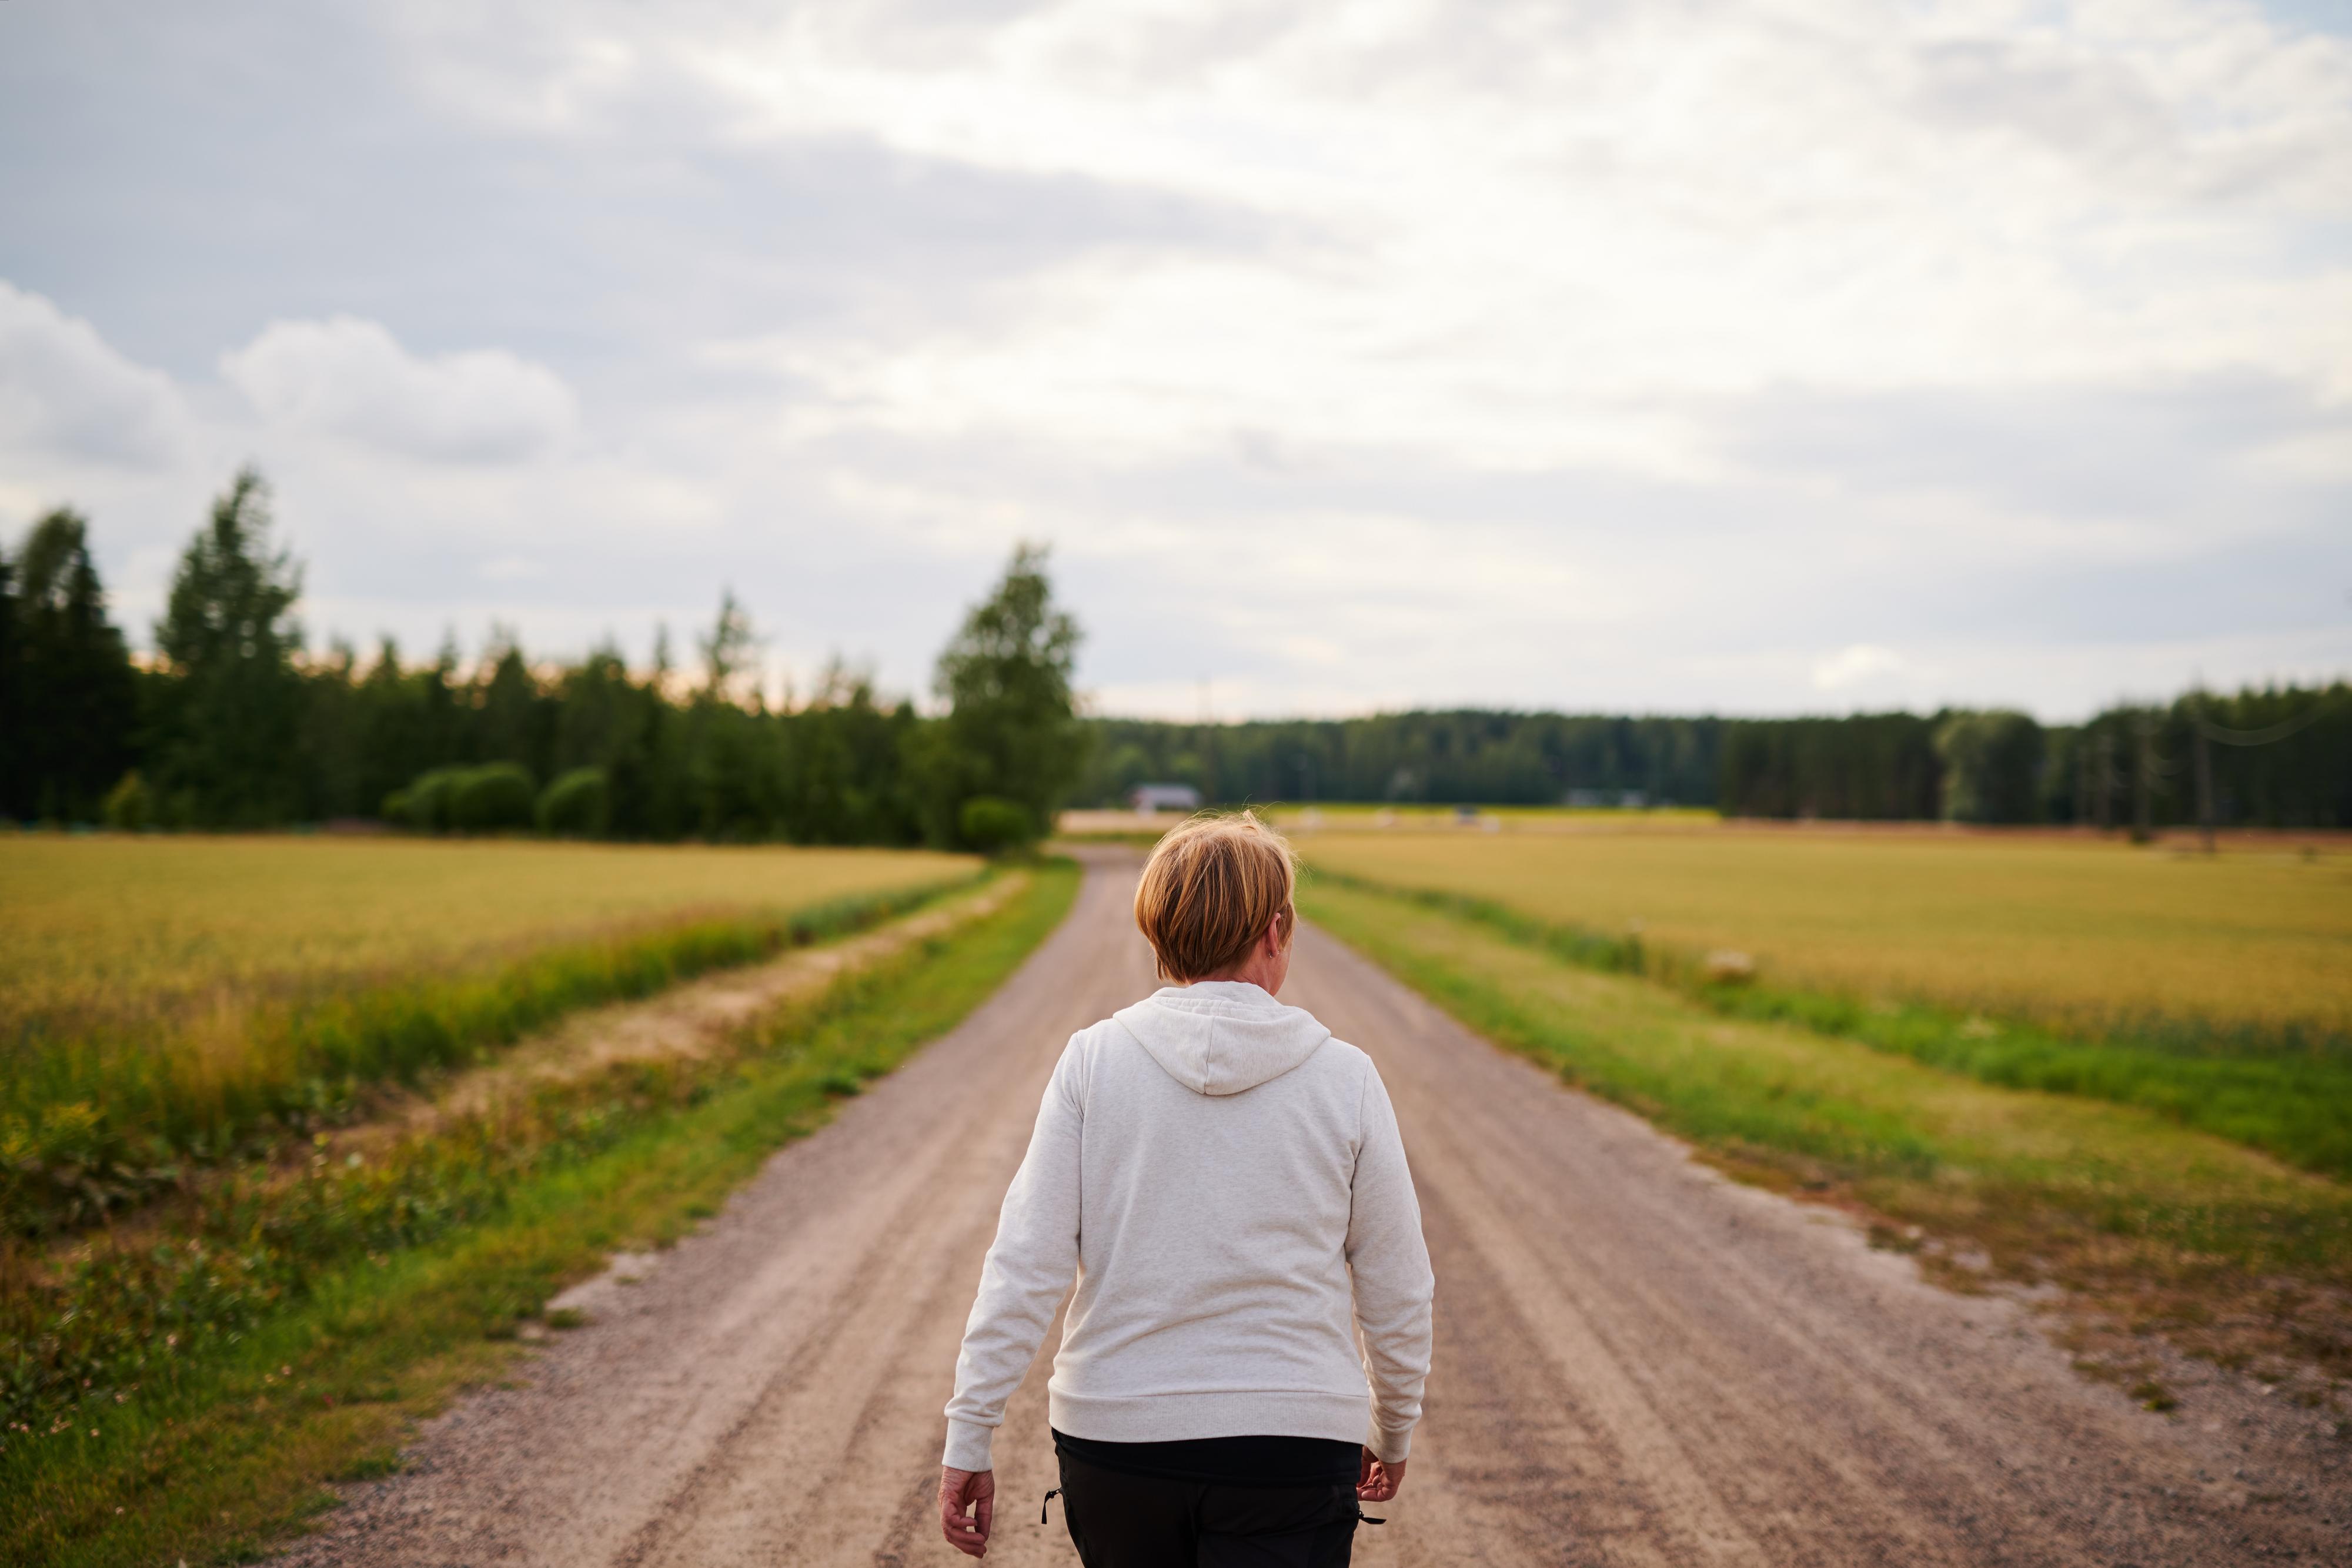 peltomaisemaa, nainen kävelee polkua pitkin